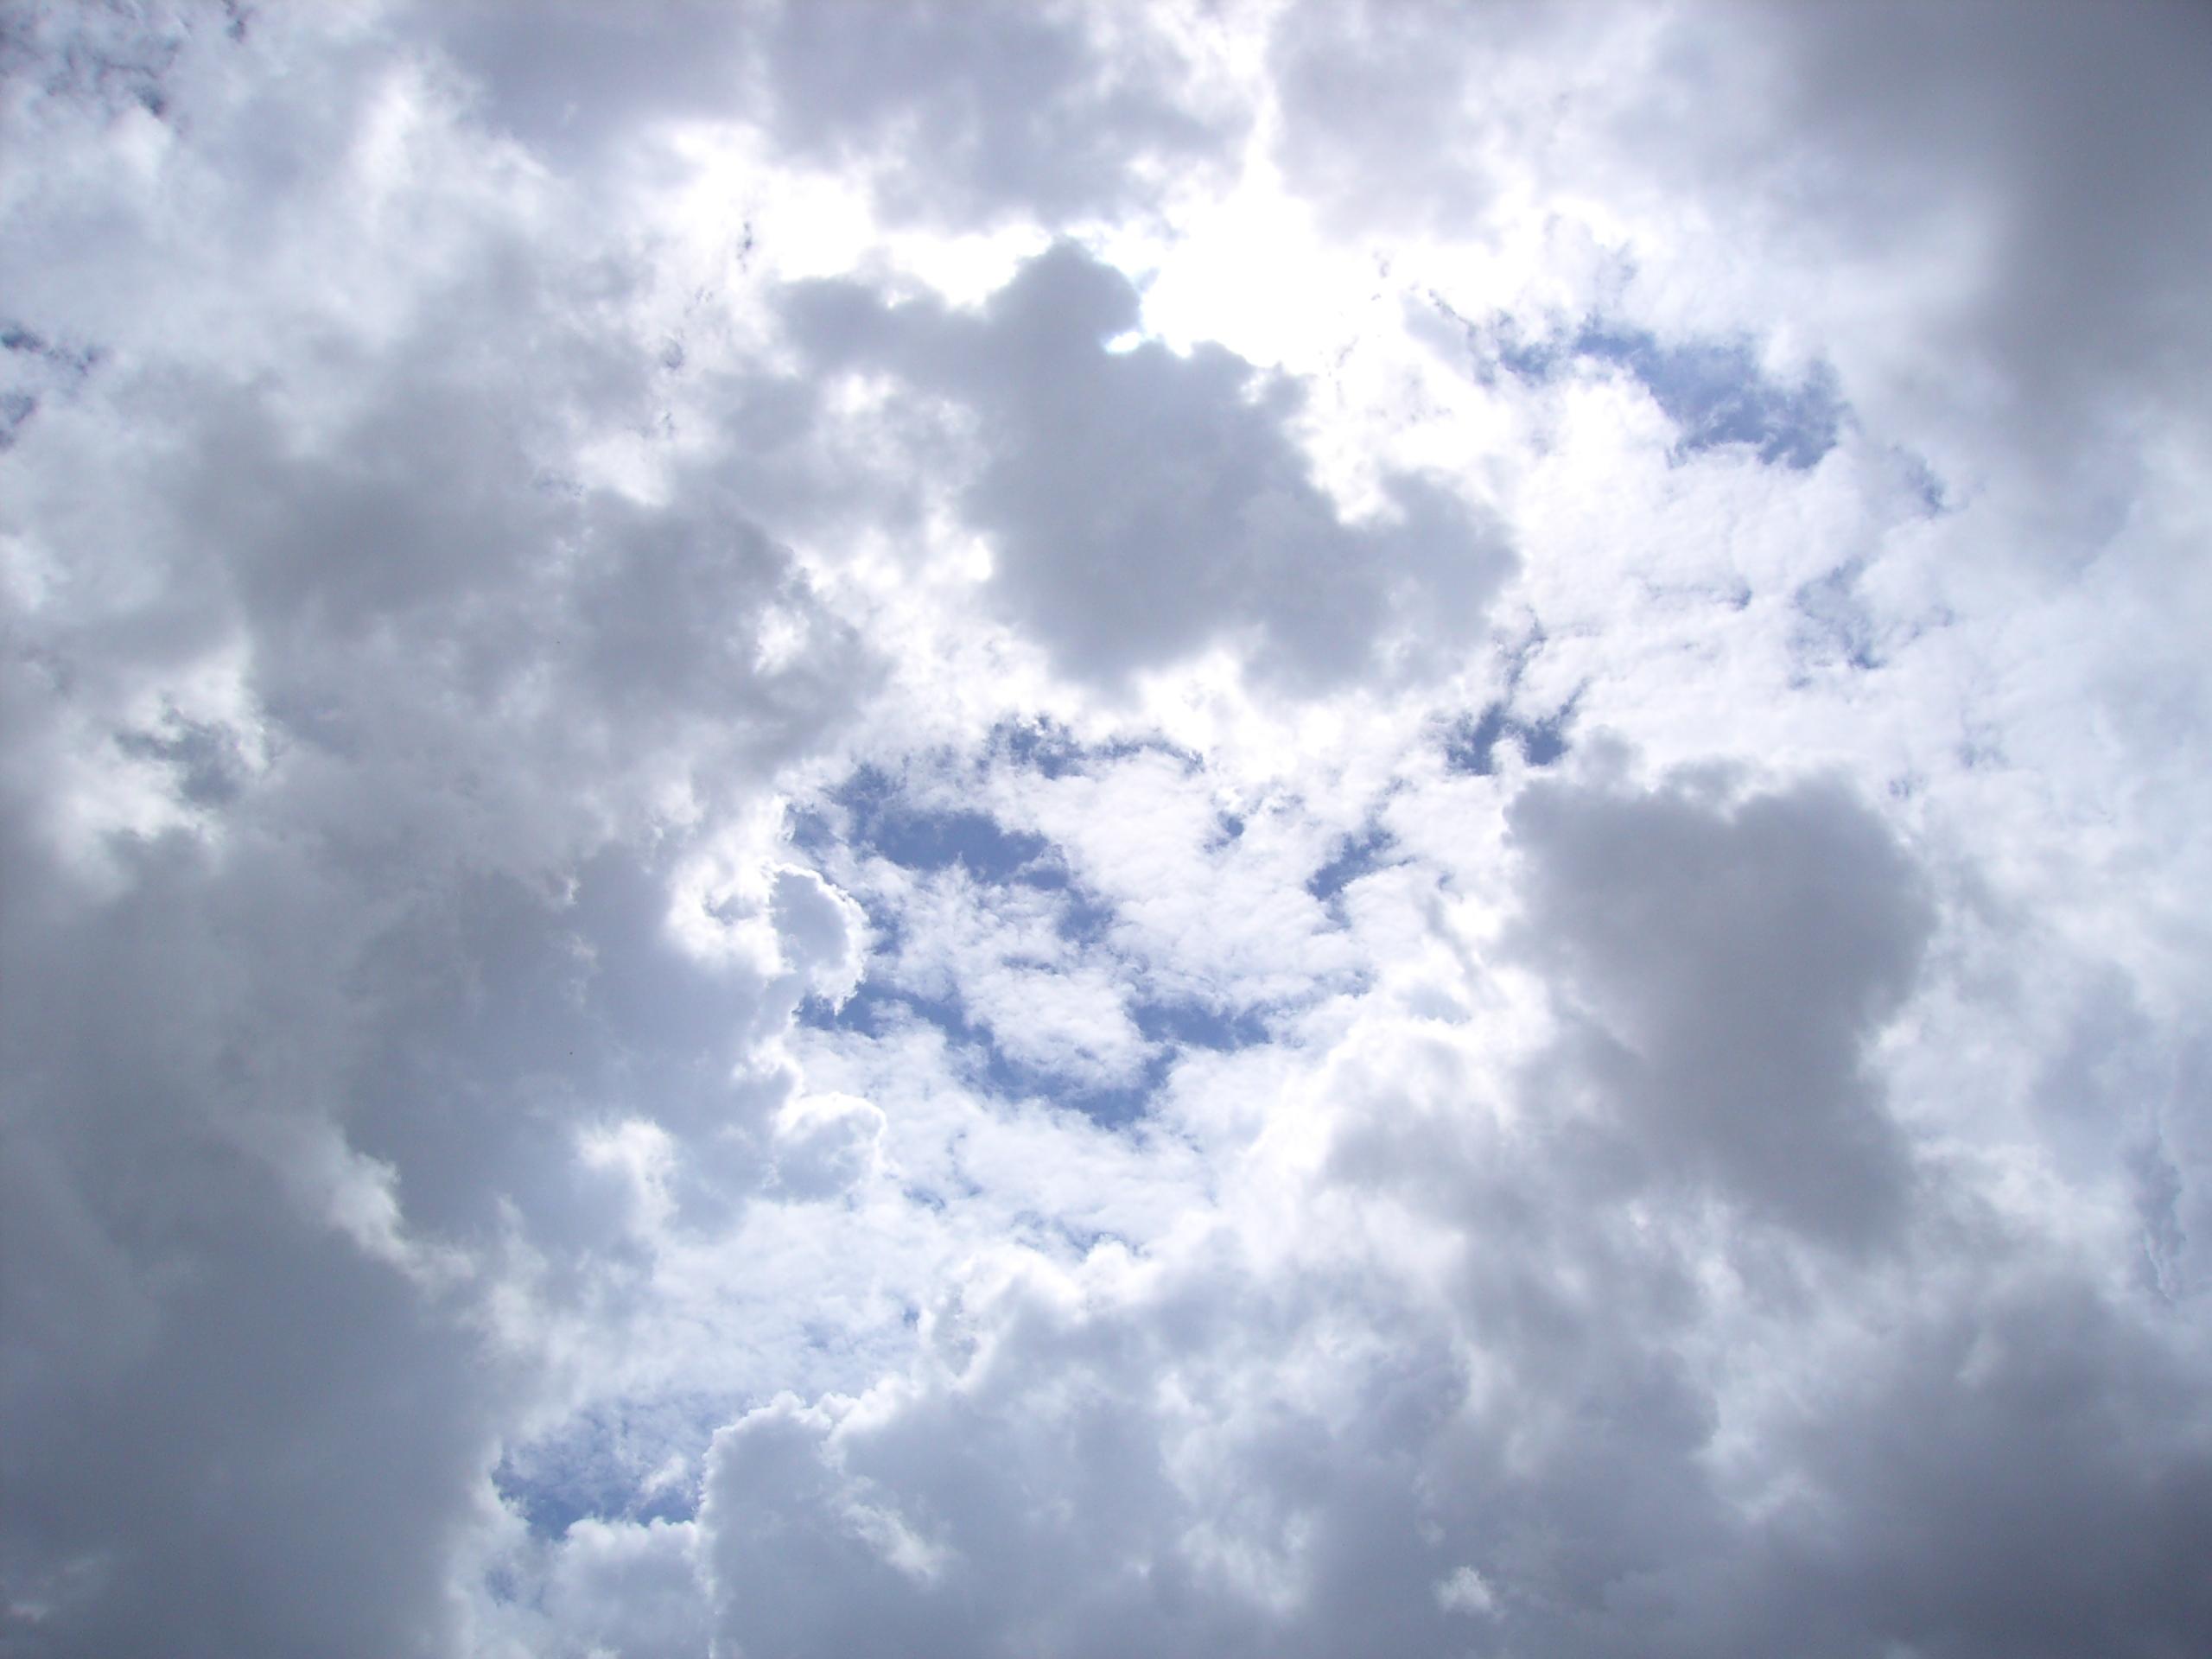 File:Rain clouds.JPG